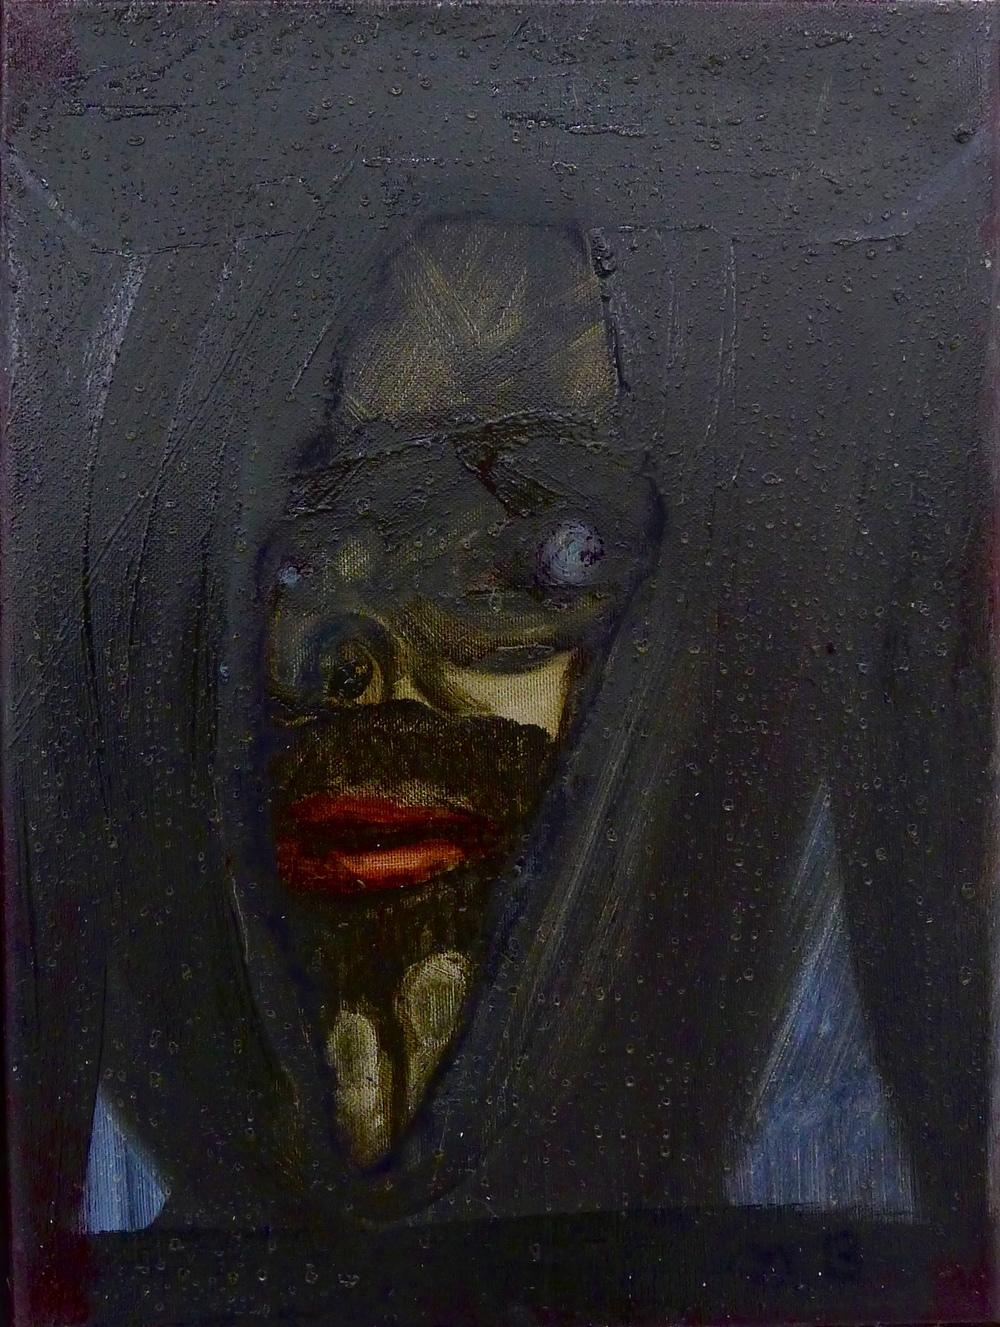 'Selvportrett som Paula Modersohn-Becker', 2016